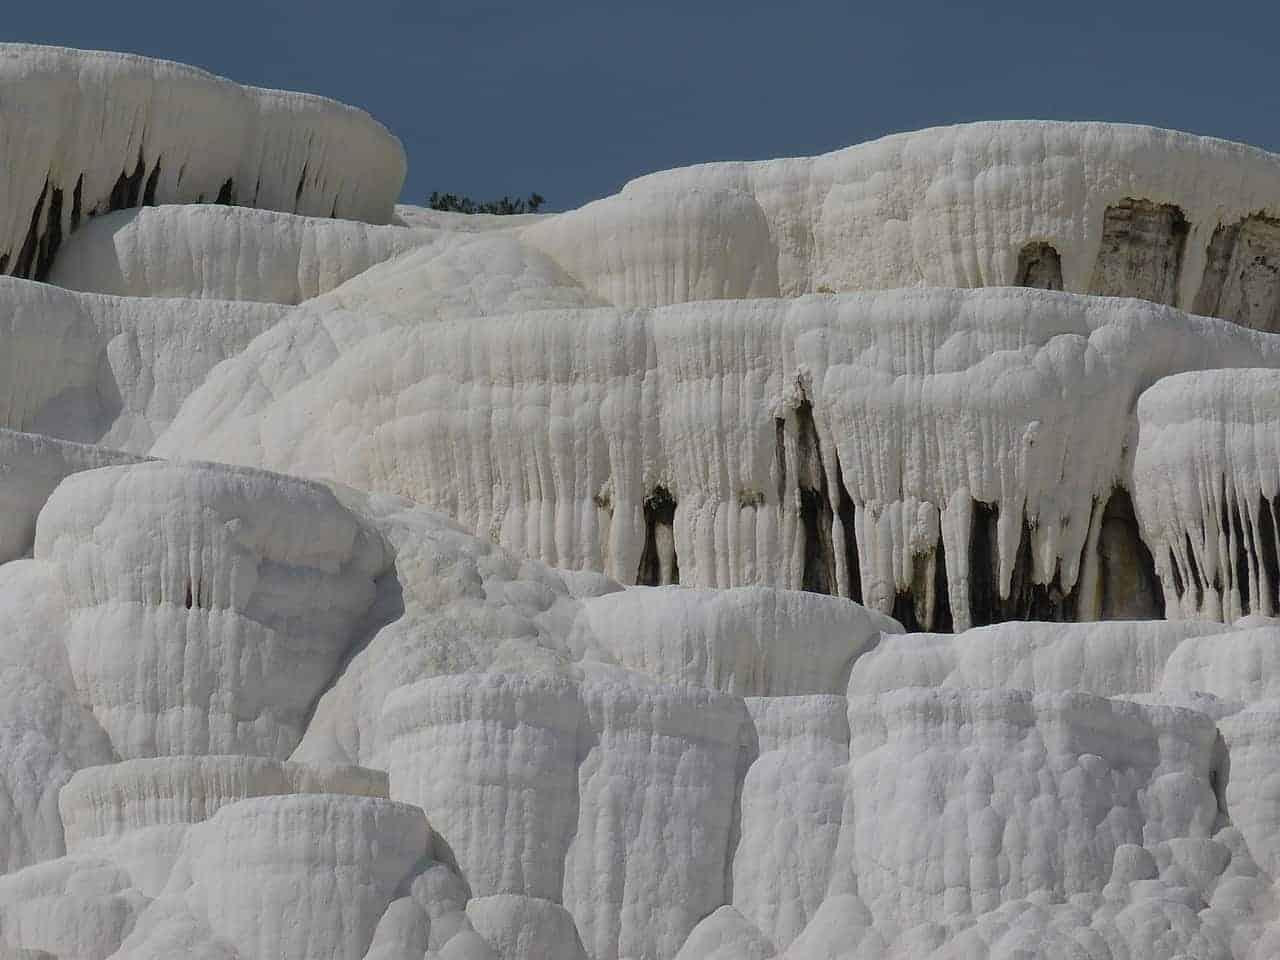 Pamukkale limestone travertines